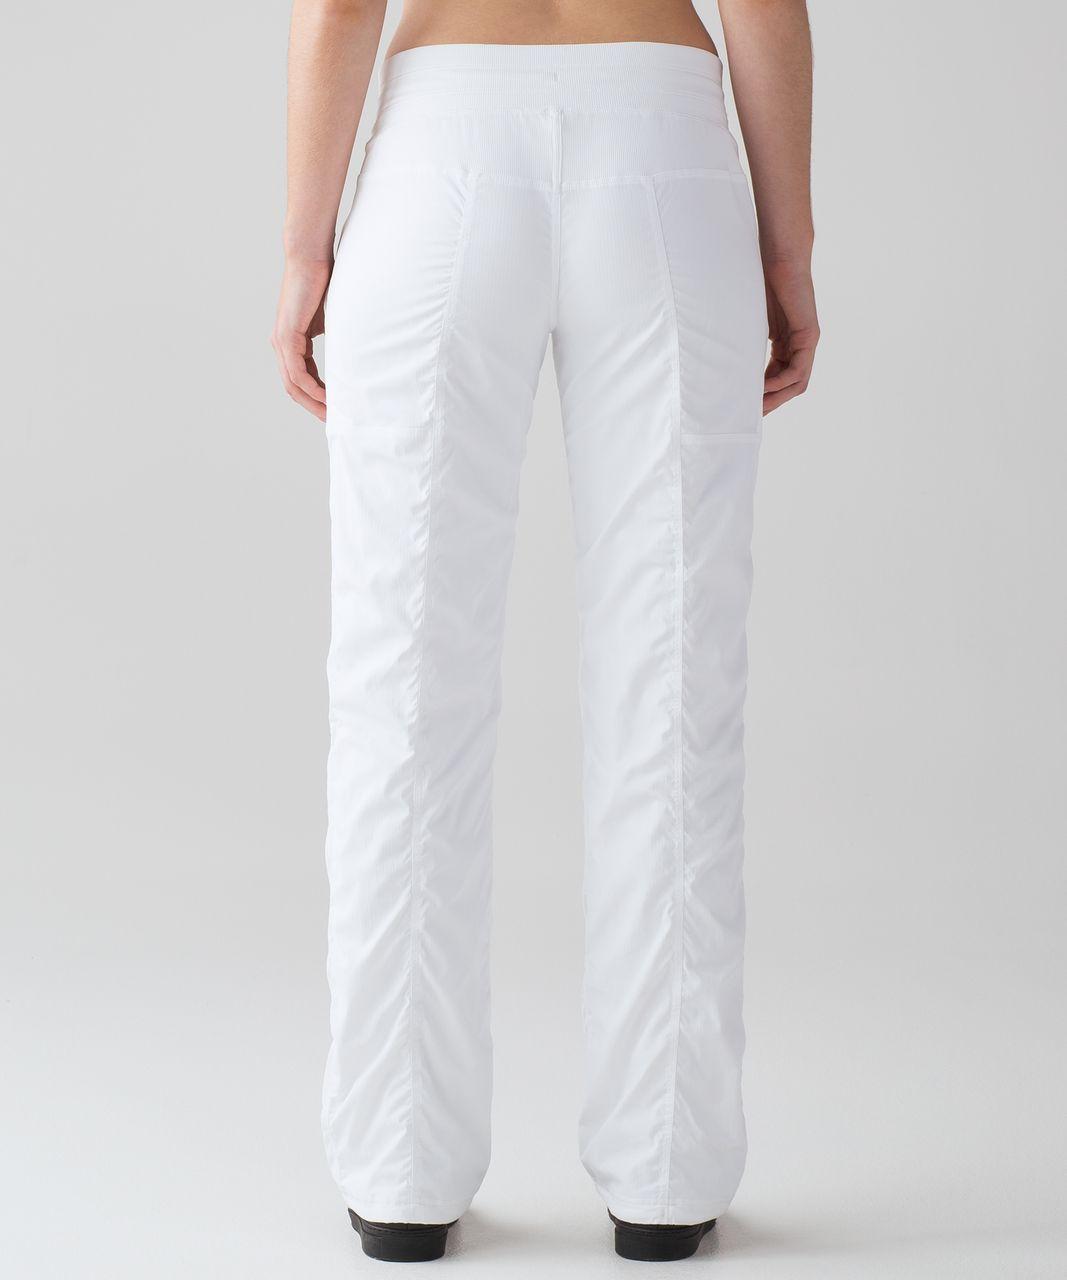 """Lululemon Dance Studio Pant III (Regular) *Lined 32"""" - White"""